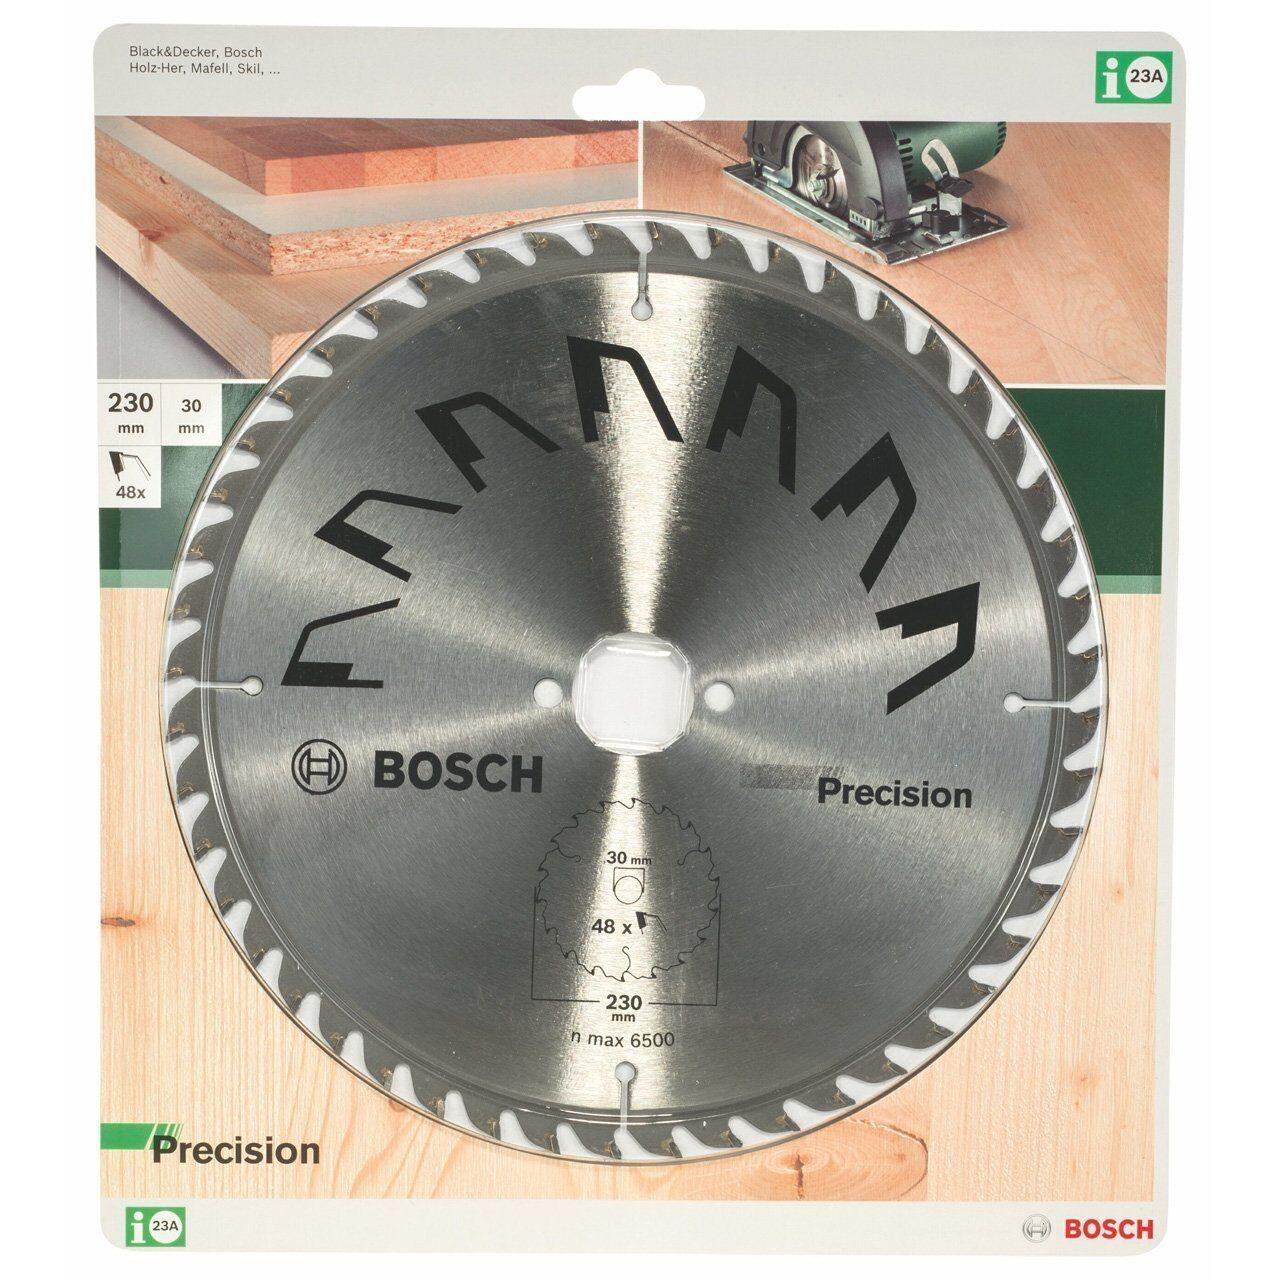 Bosch 23A Kreissägeblatt Precision 230 x 30 mm 48 Zähne Sägeblatt 2609256875